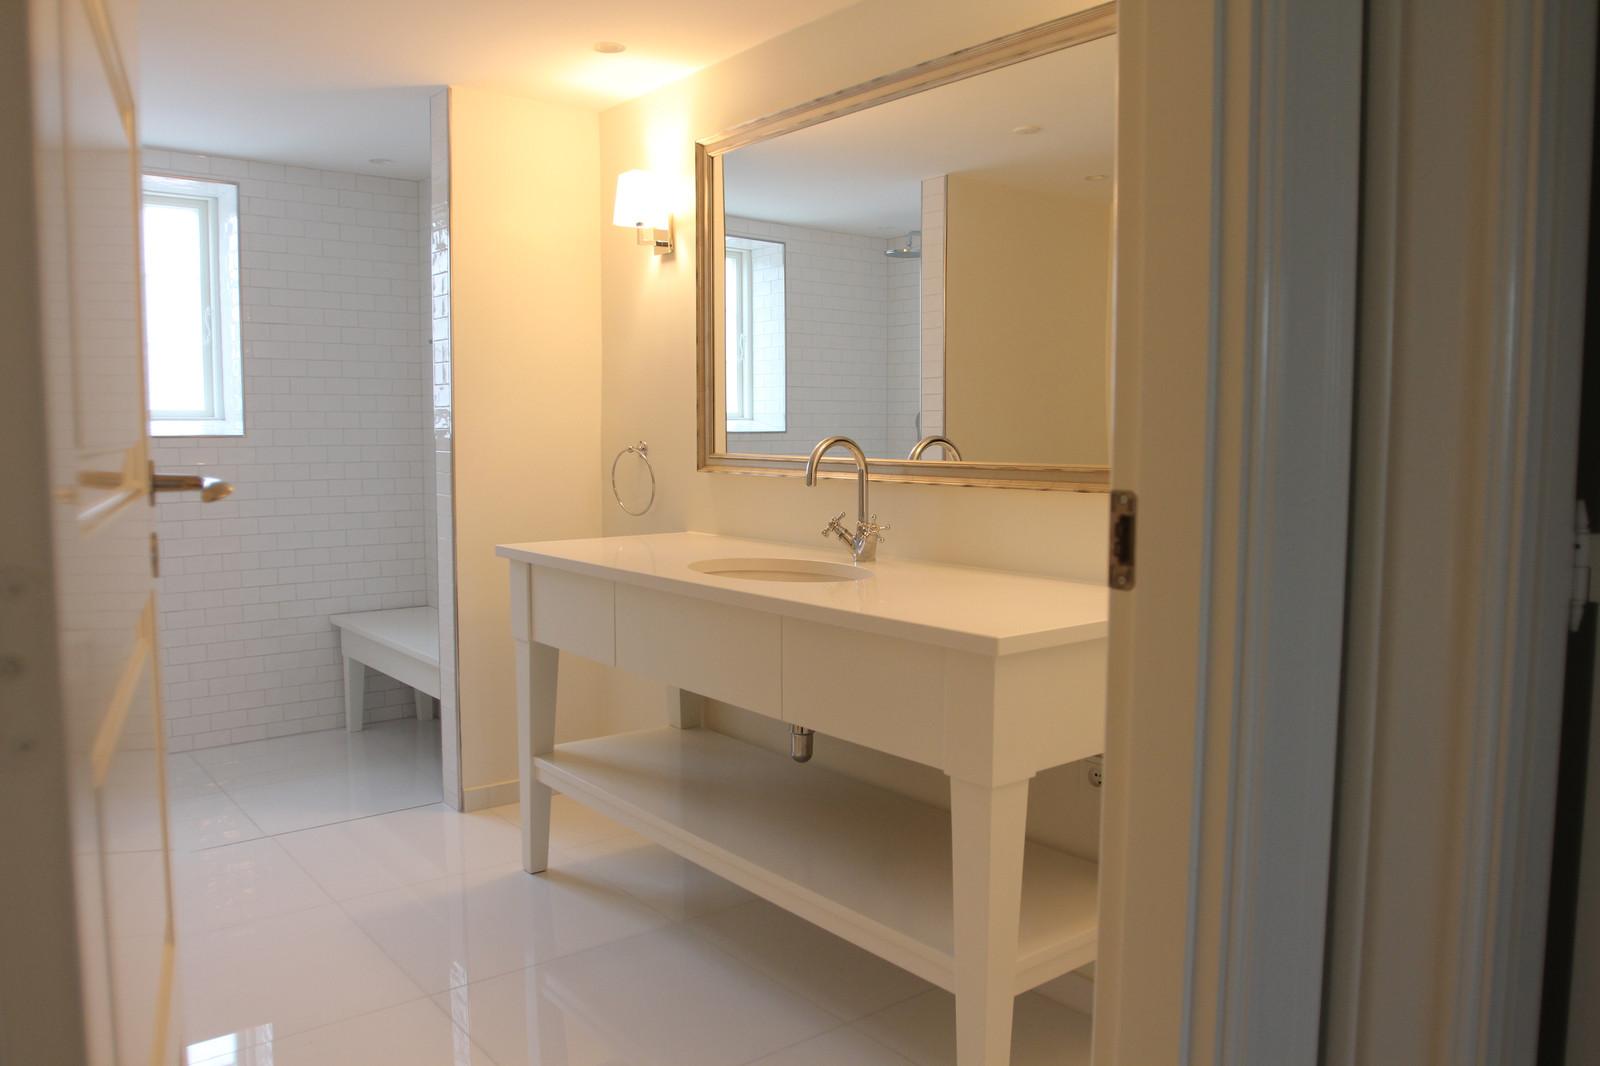 Rørig Badeværelsesmøbel til vask PM-52